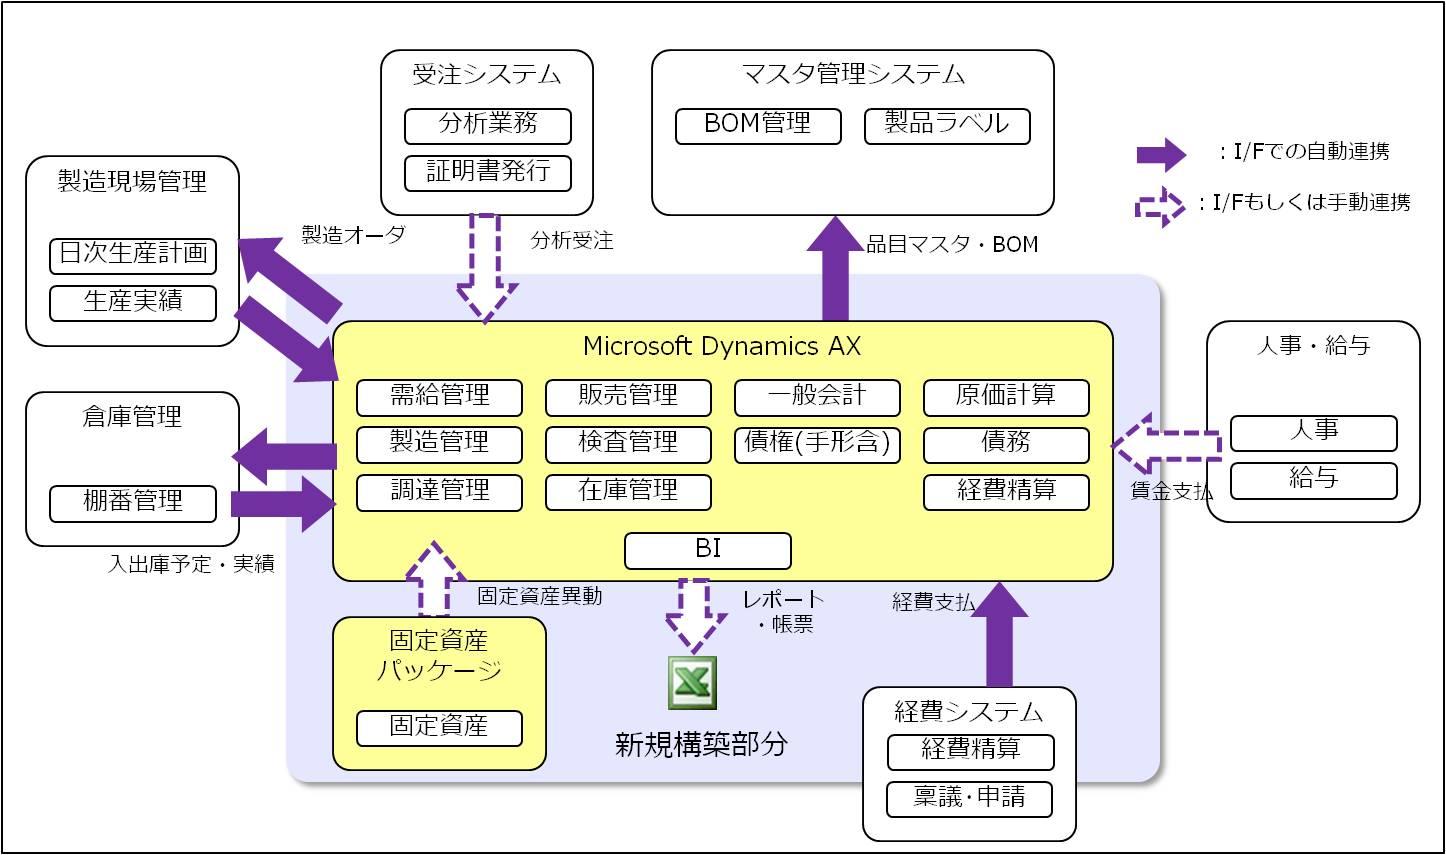 新基幹システムの全体図